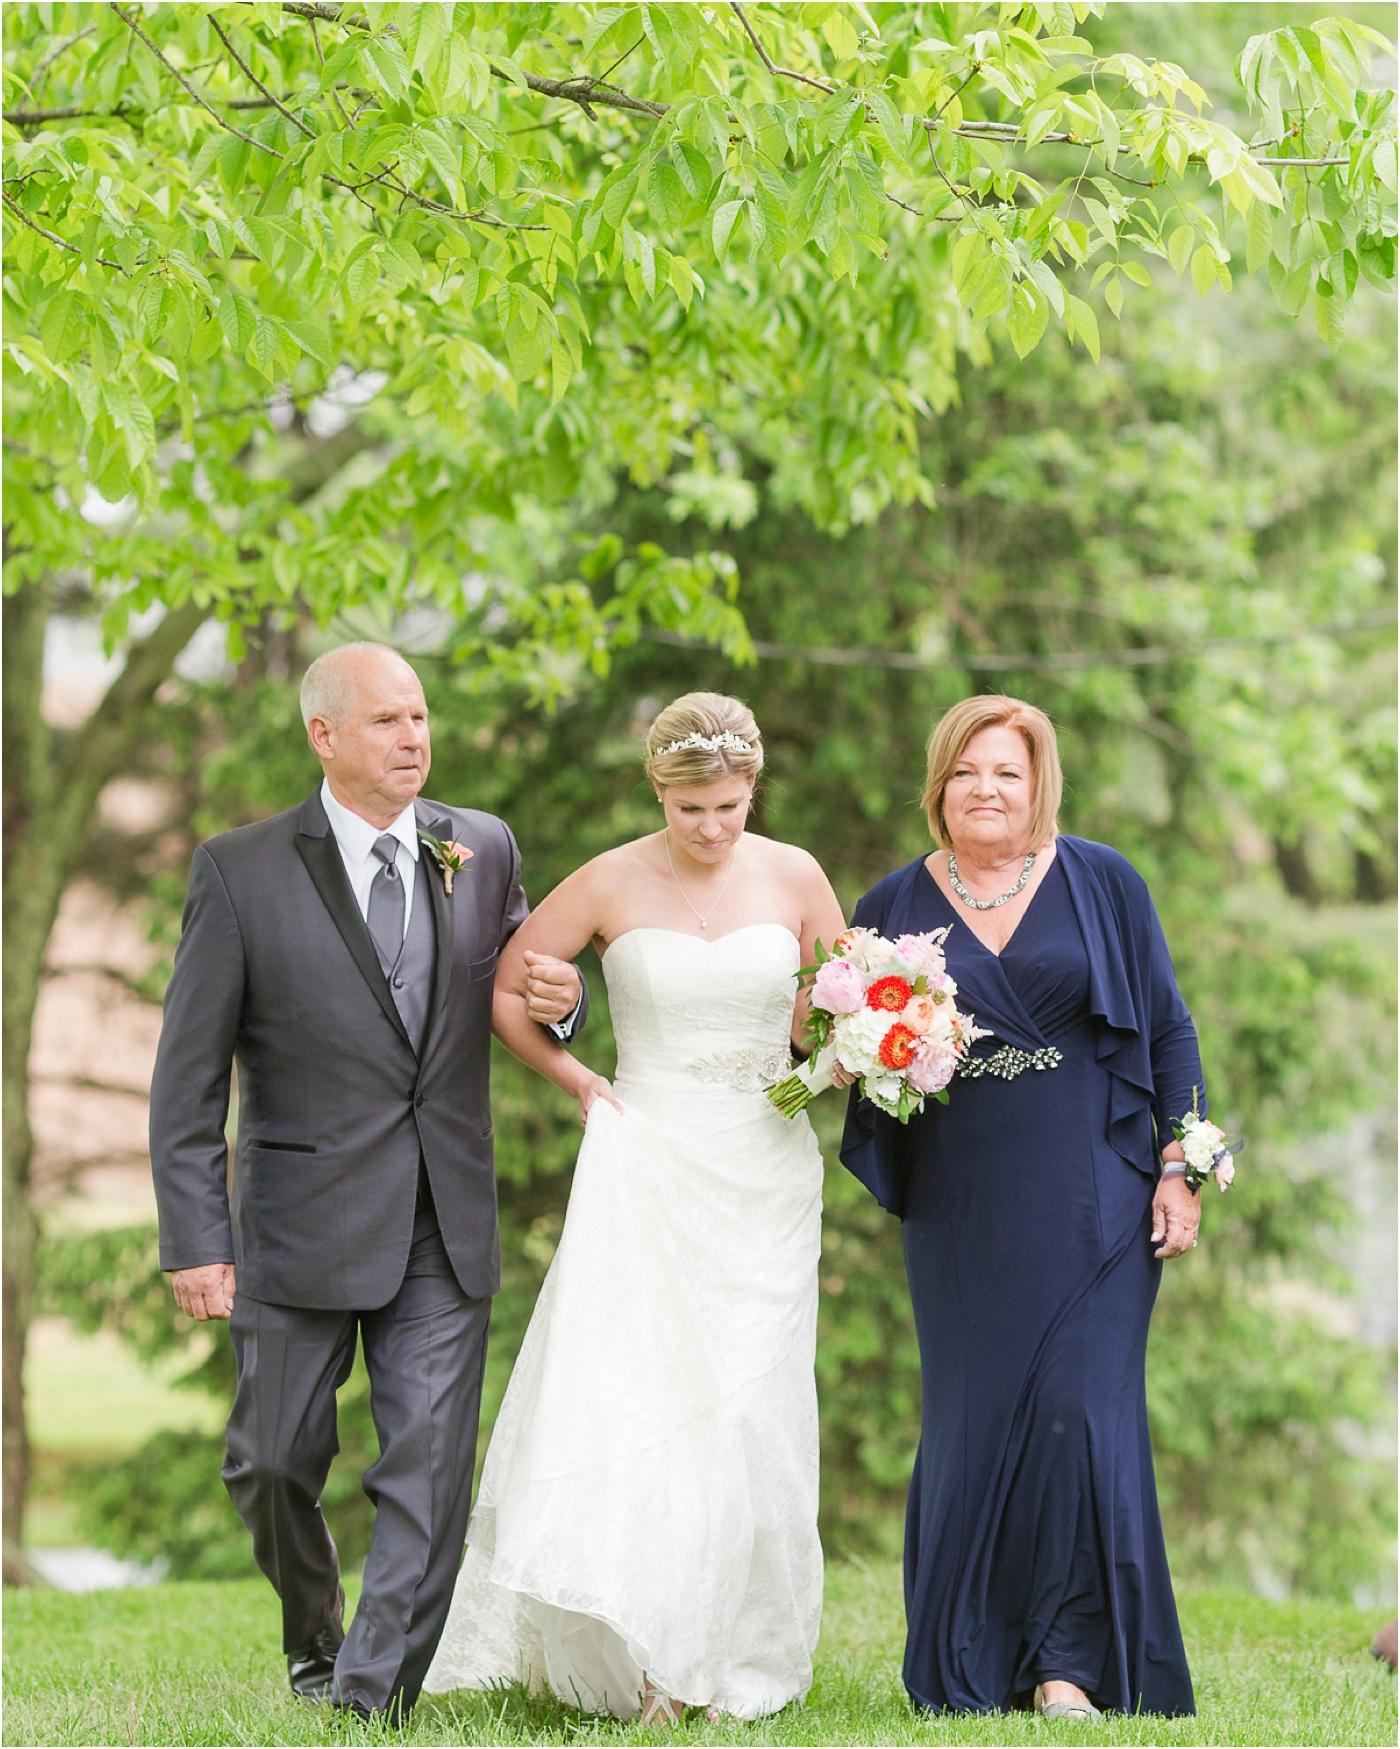 Royer-House-Wedding-Photos-42.jpg